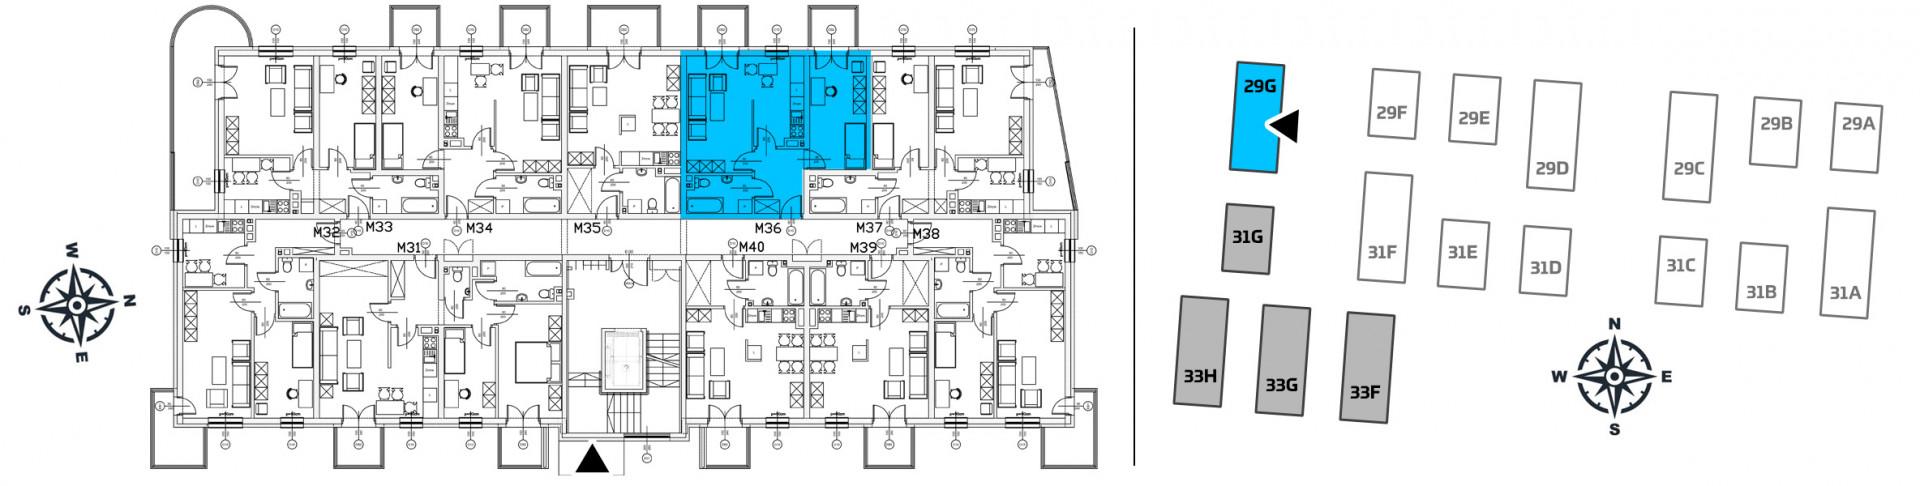 Mieszkanie dwupokojowe 29G/36 rzut 2